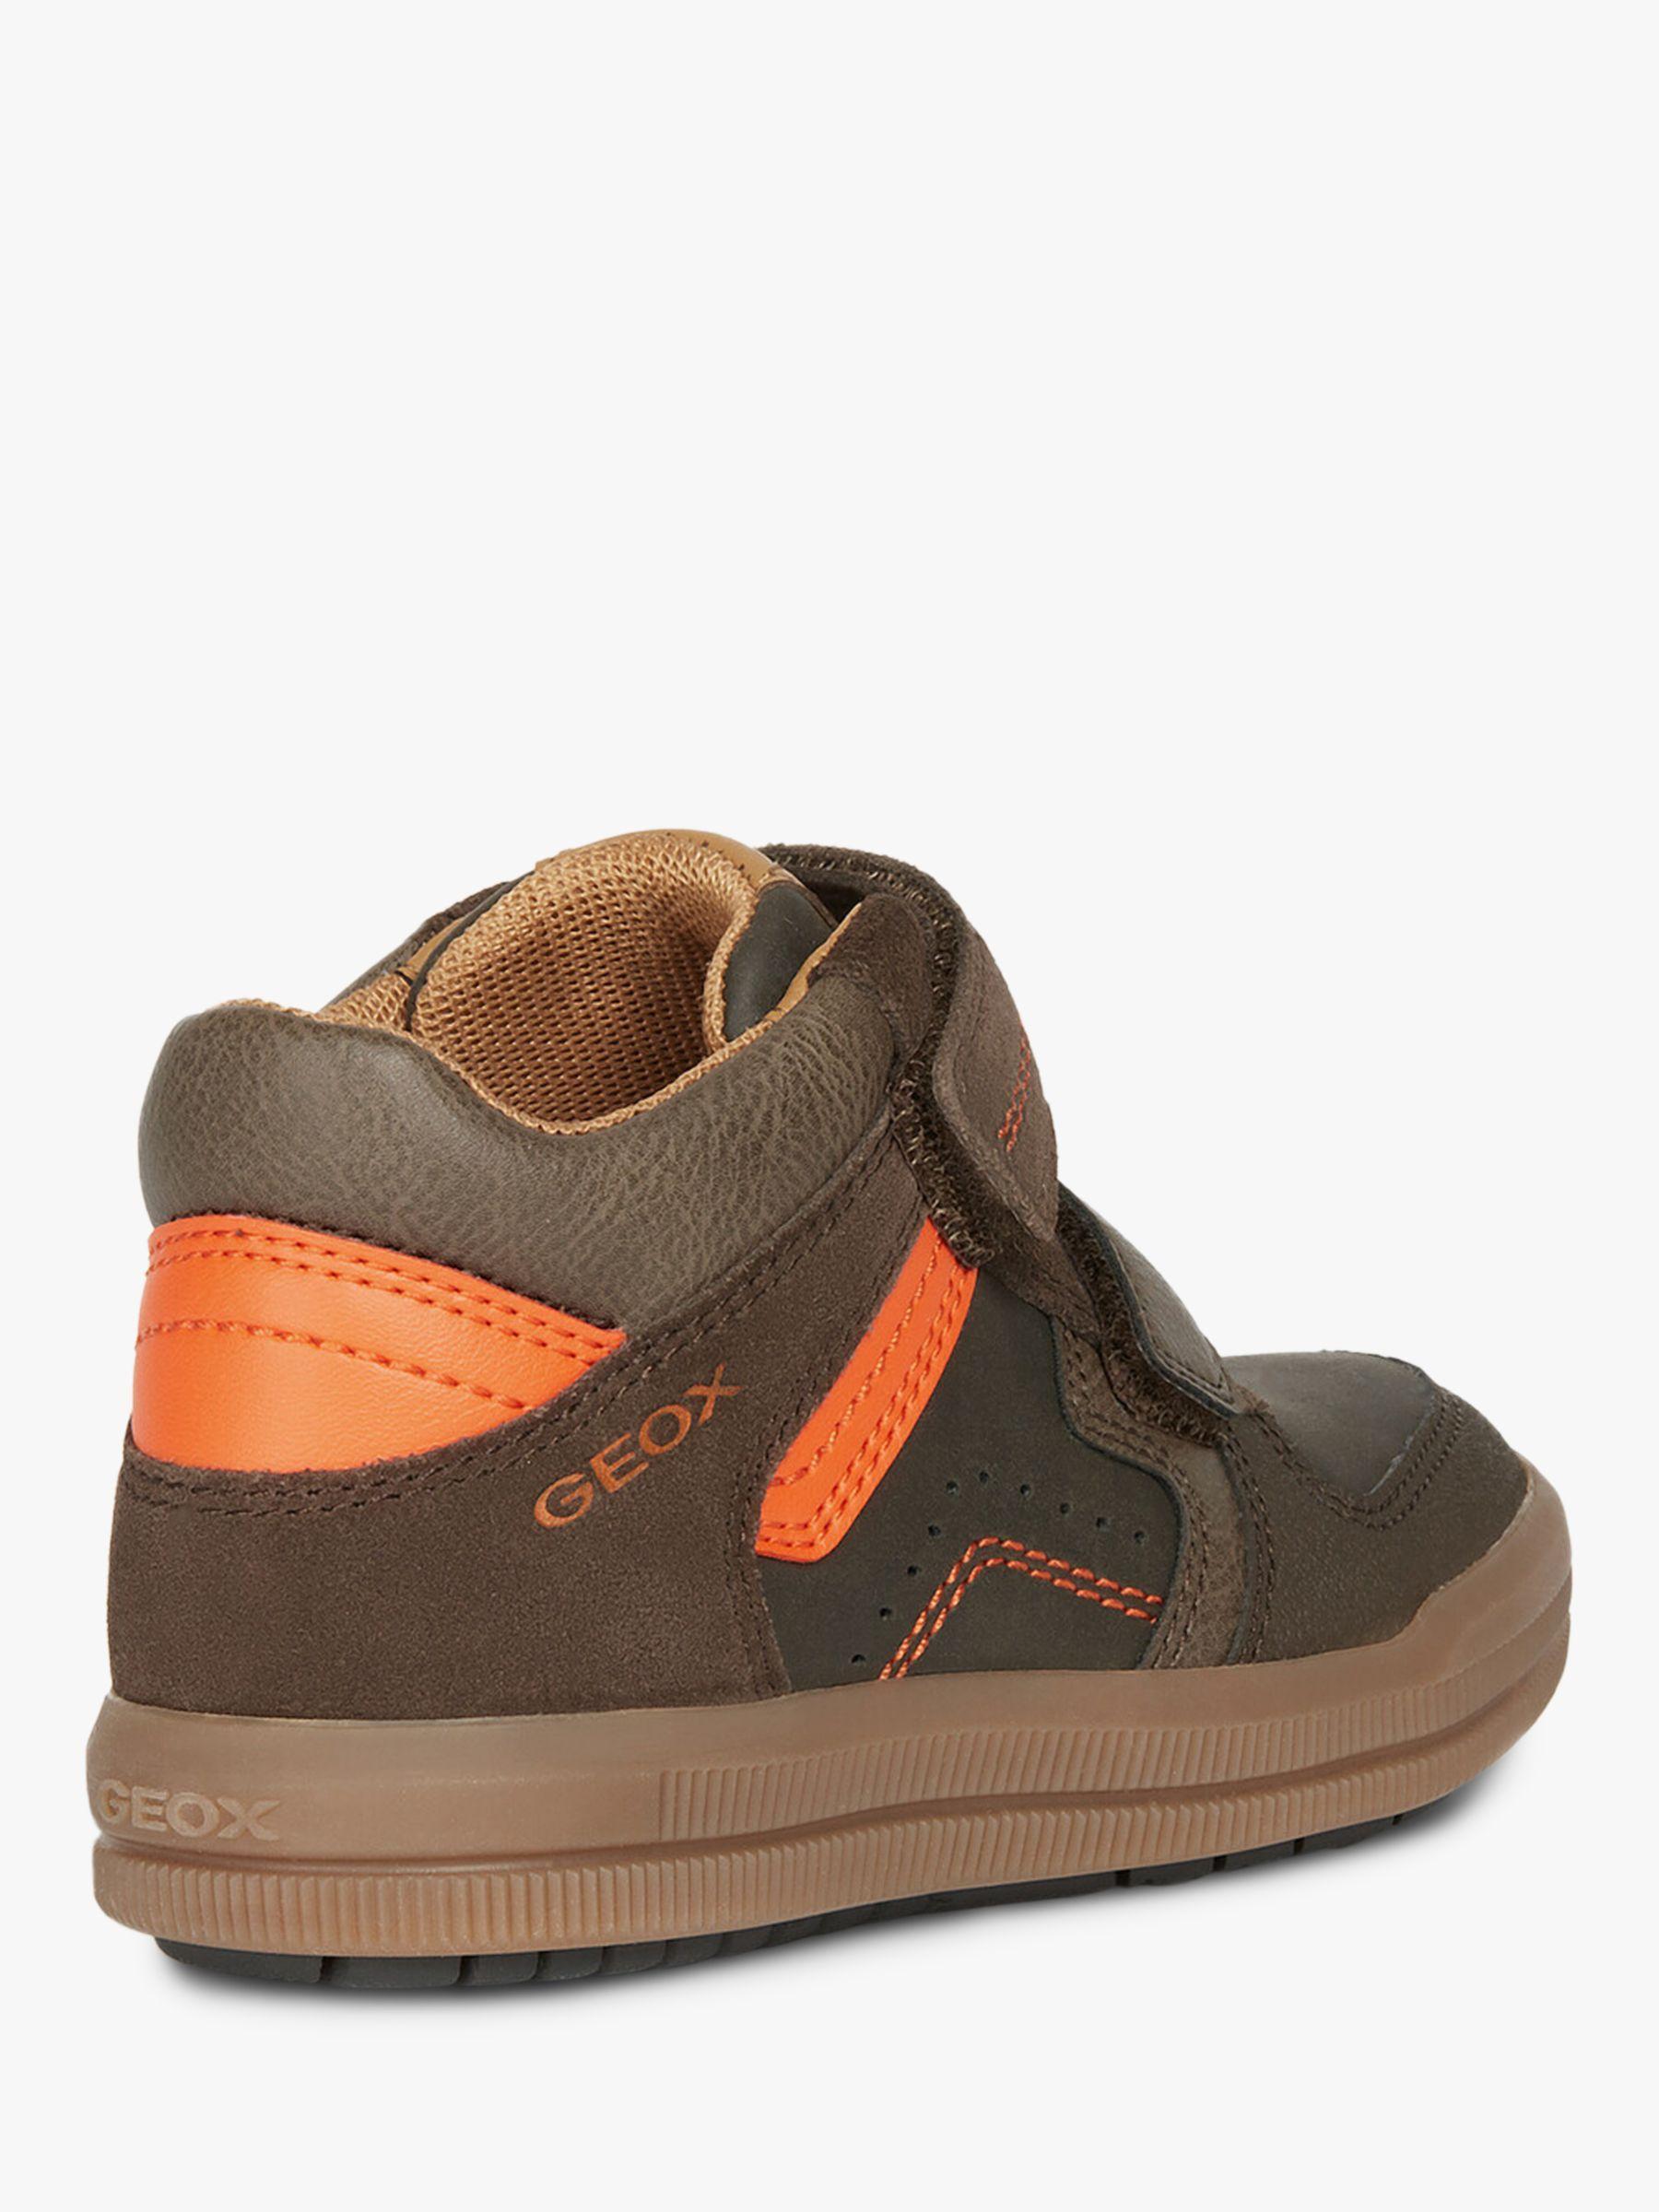 Arzach Hi-Top Shoes | Childrens shoes